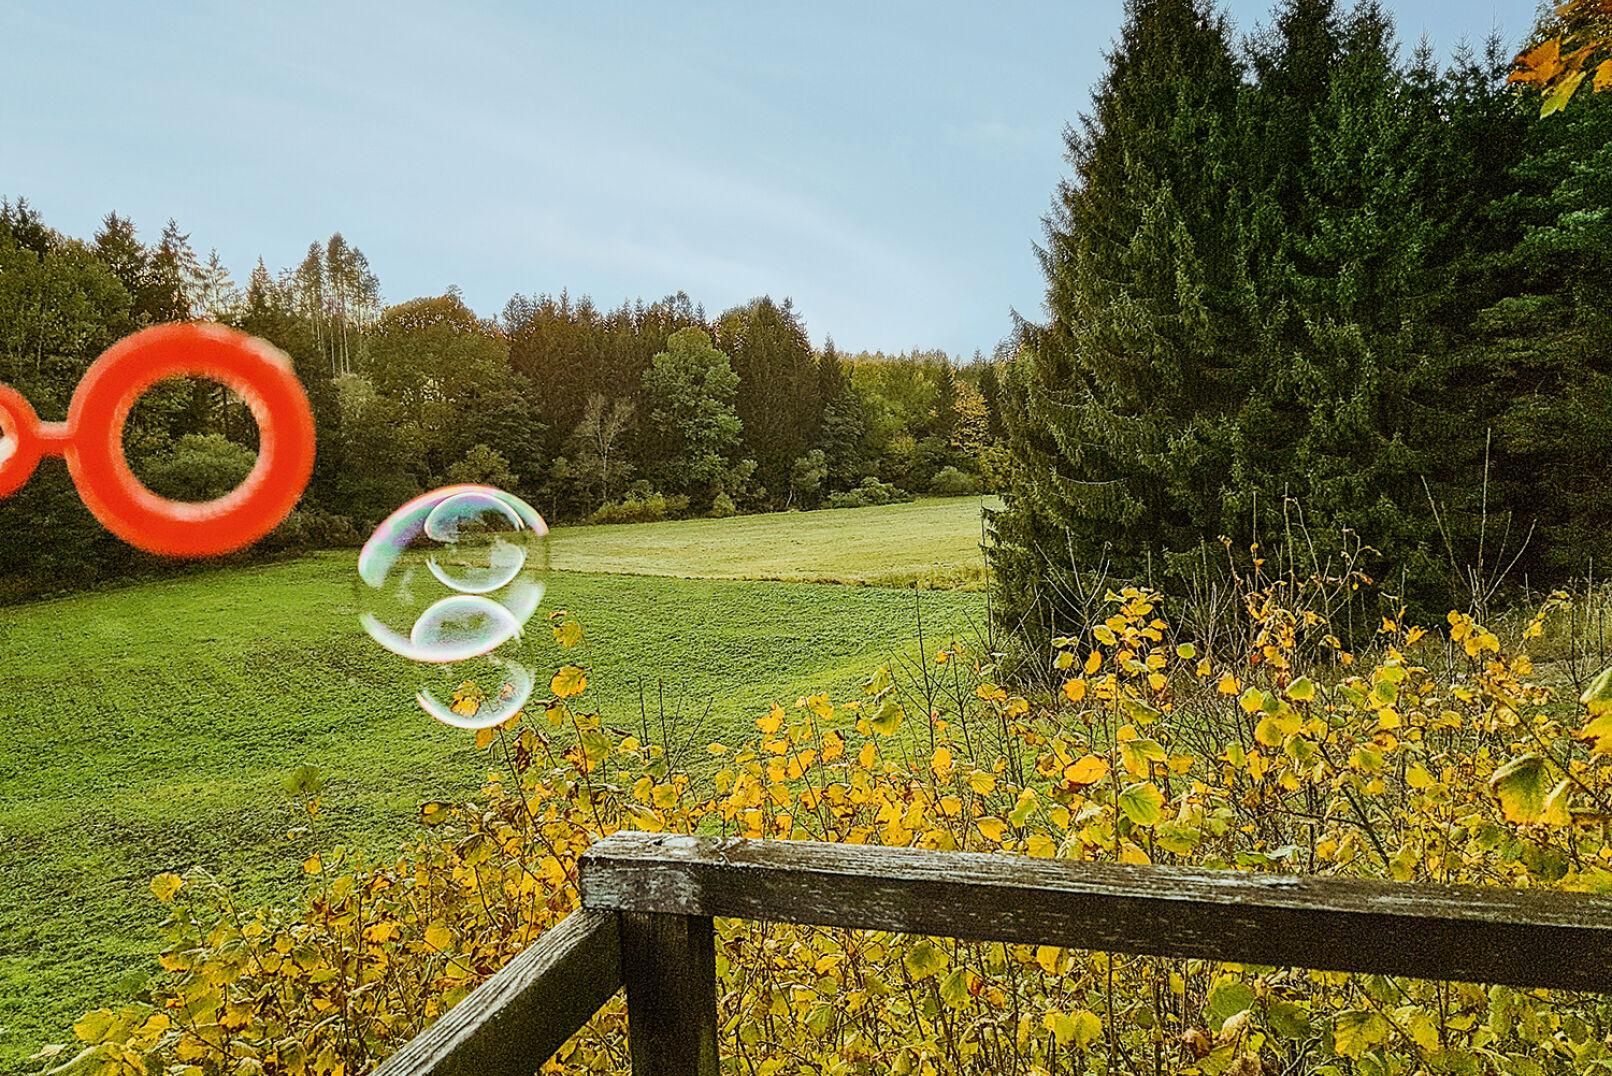 Seifenblasen für Windbestimmung - Mithilfe von Seifenblasen kann die Windrichtung eruiert werden. - © Dominik Steinhauser